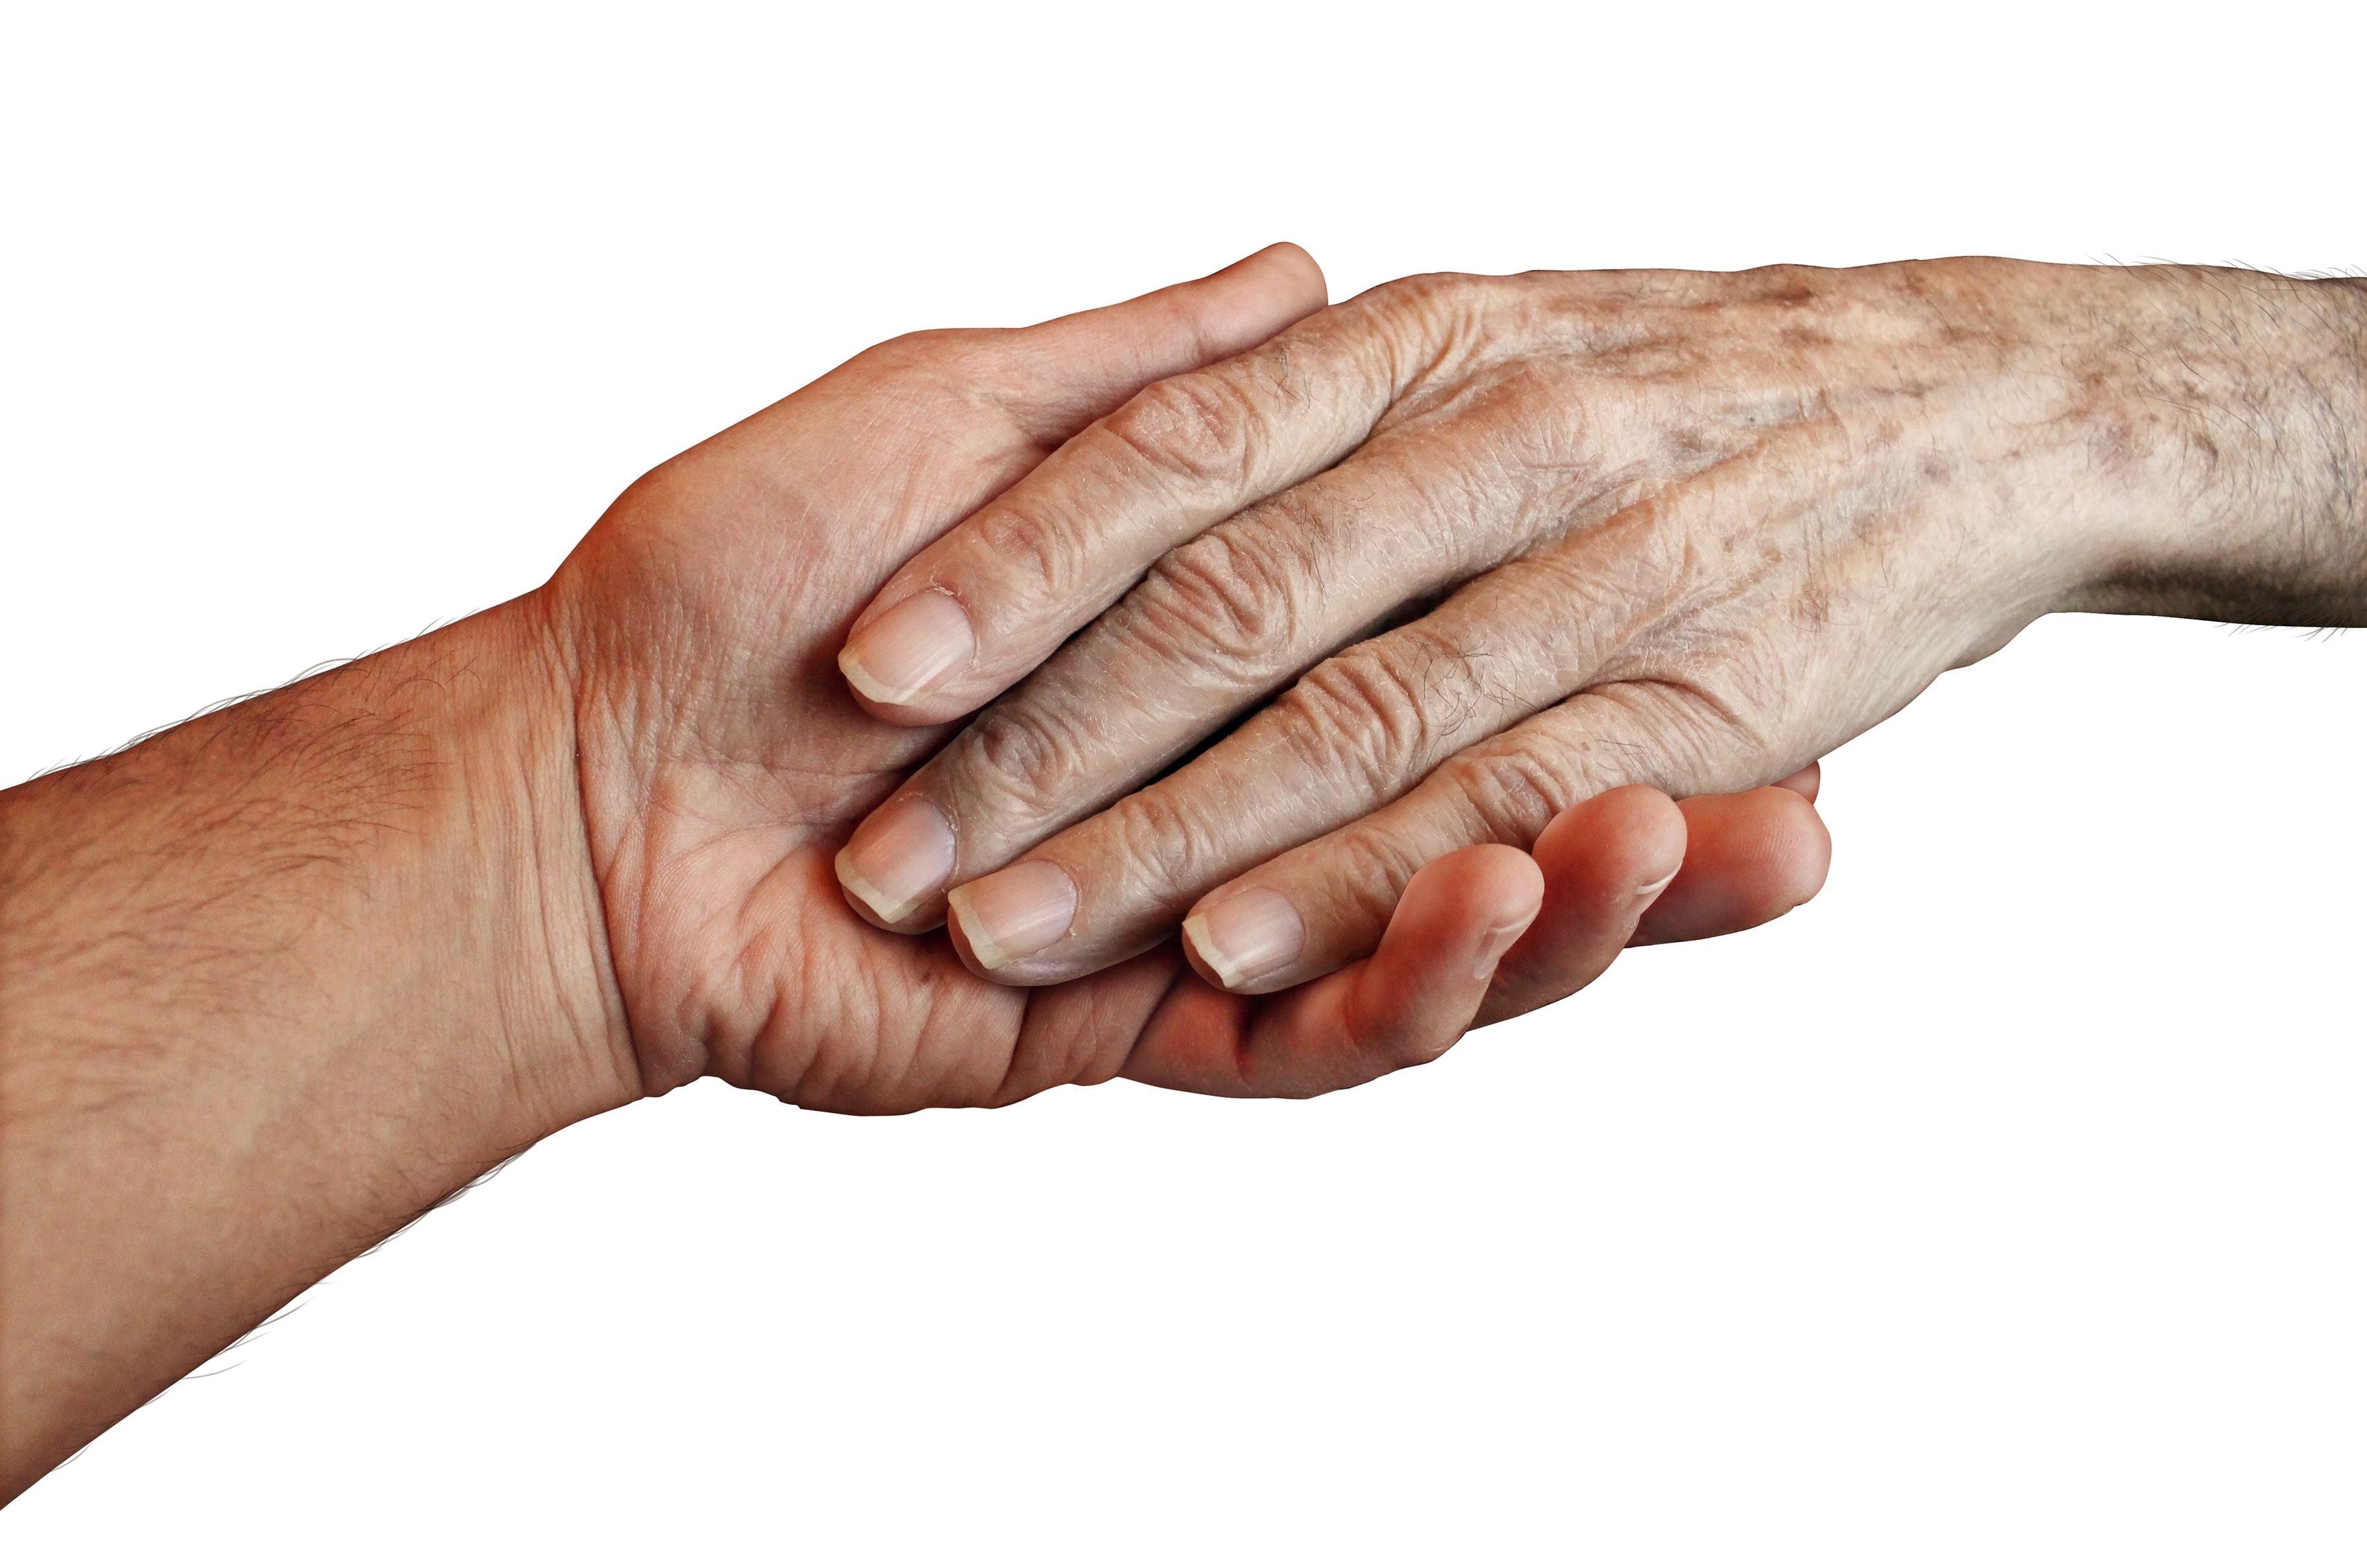 een hand ligt in een andere hand